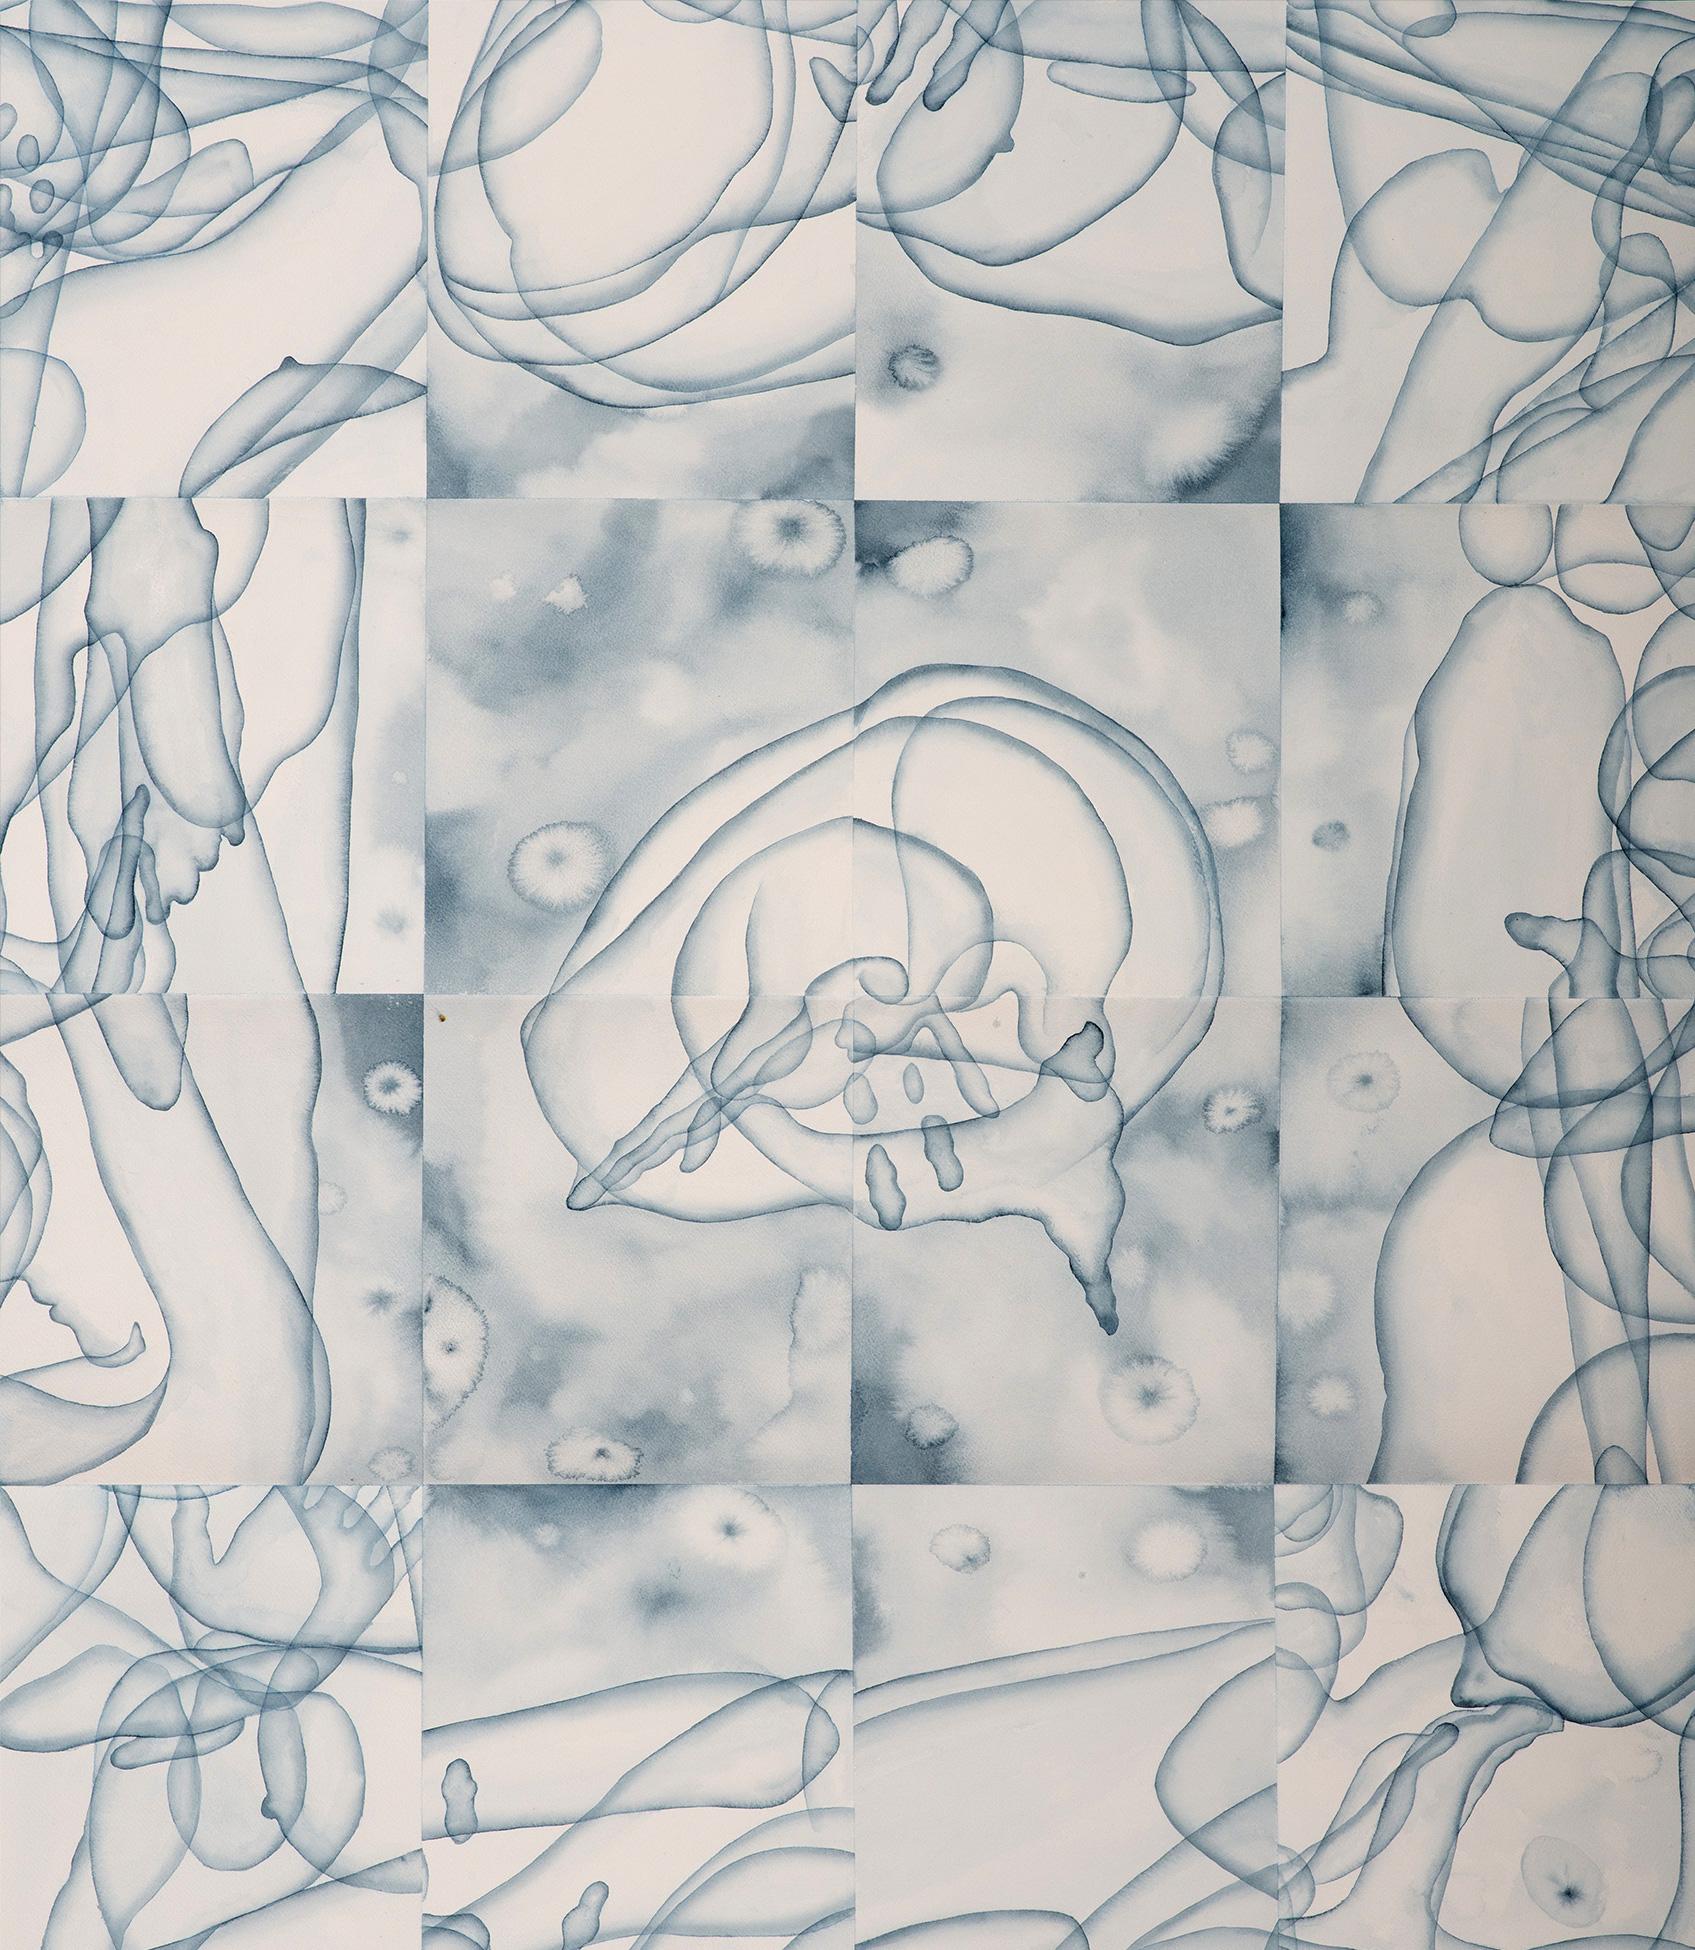 Stefano Bolzano, Eterogenesi e metamorfosi 02, acquerello su carta, 112x100 cm, 2020.